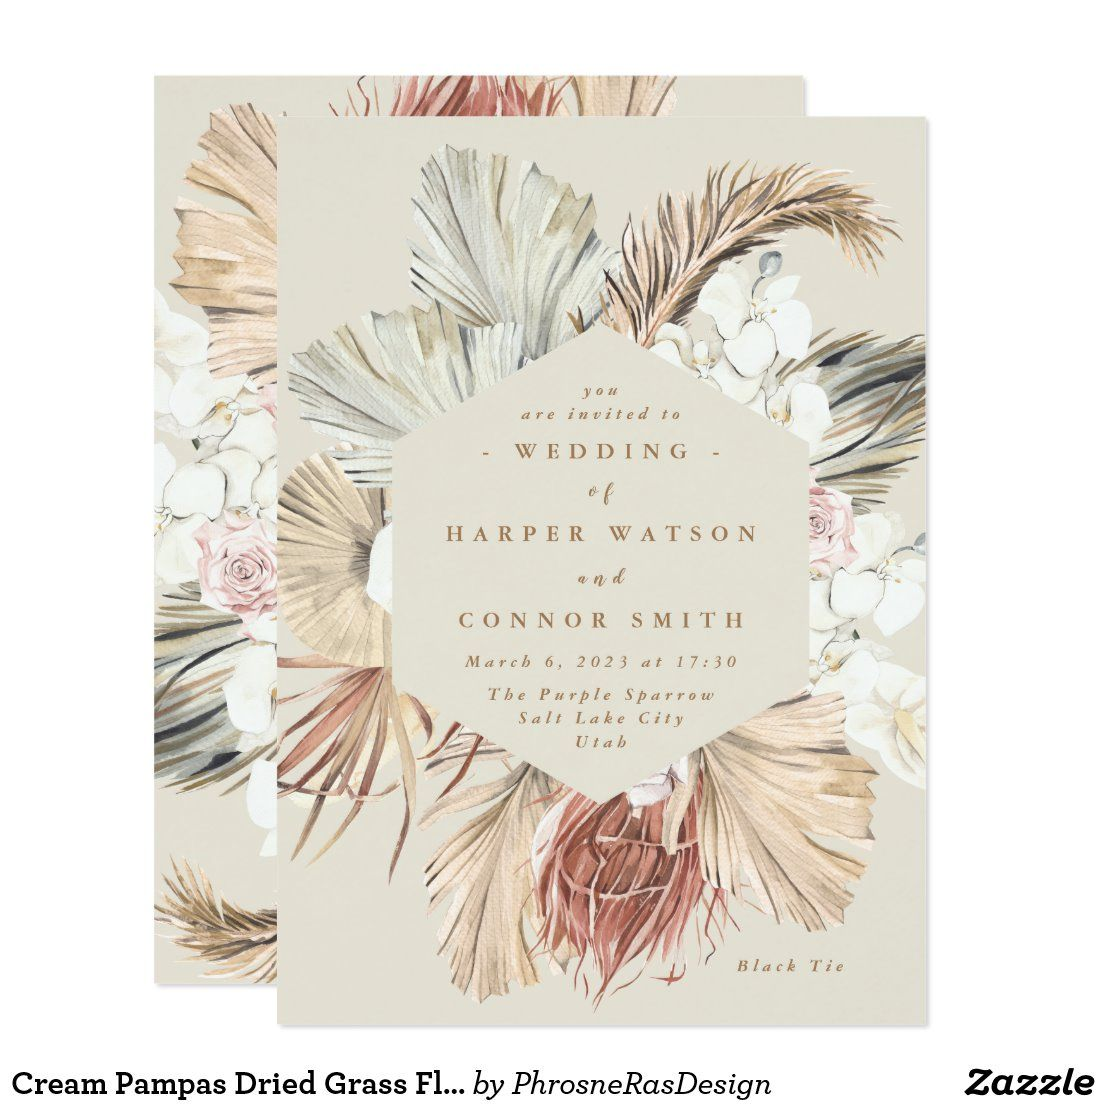 Cream Pampas Dried Grass Floral Jungle Wedding Invitation #zazzle #zazzlemade #myzazzle #zazzleUK #wedding2020 #pampaswedding